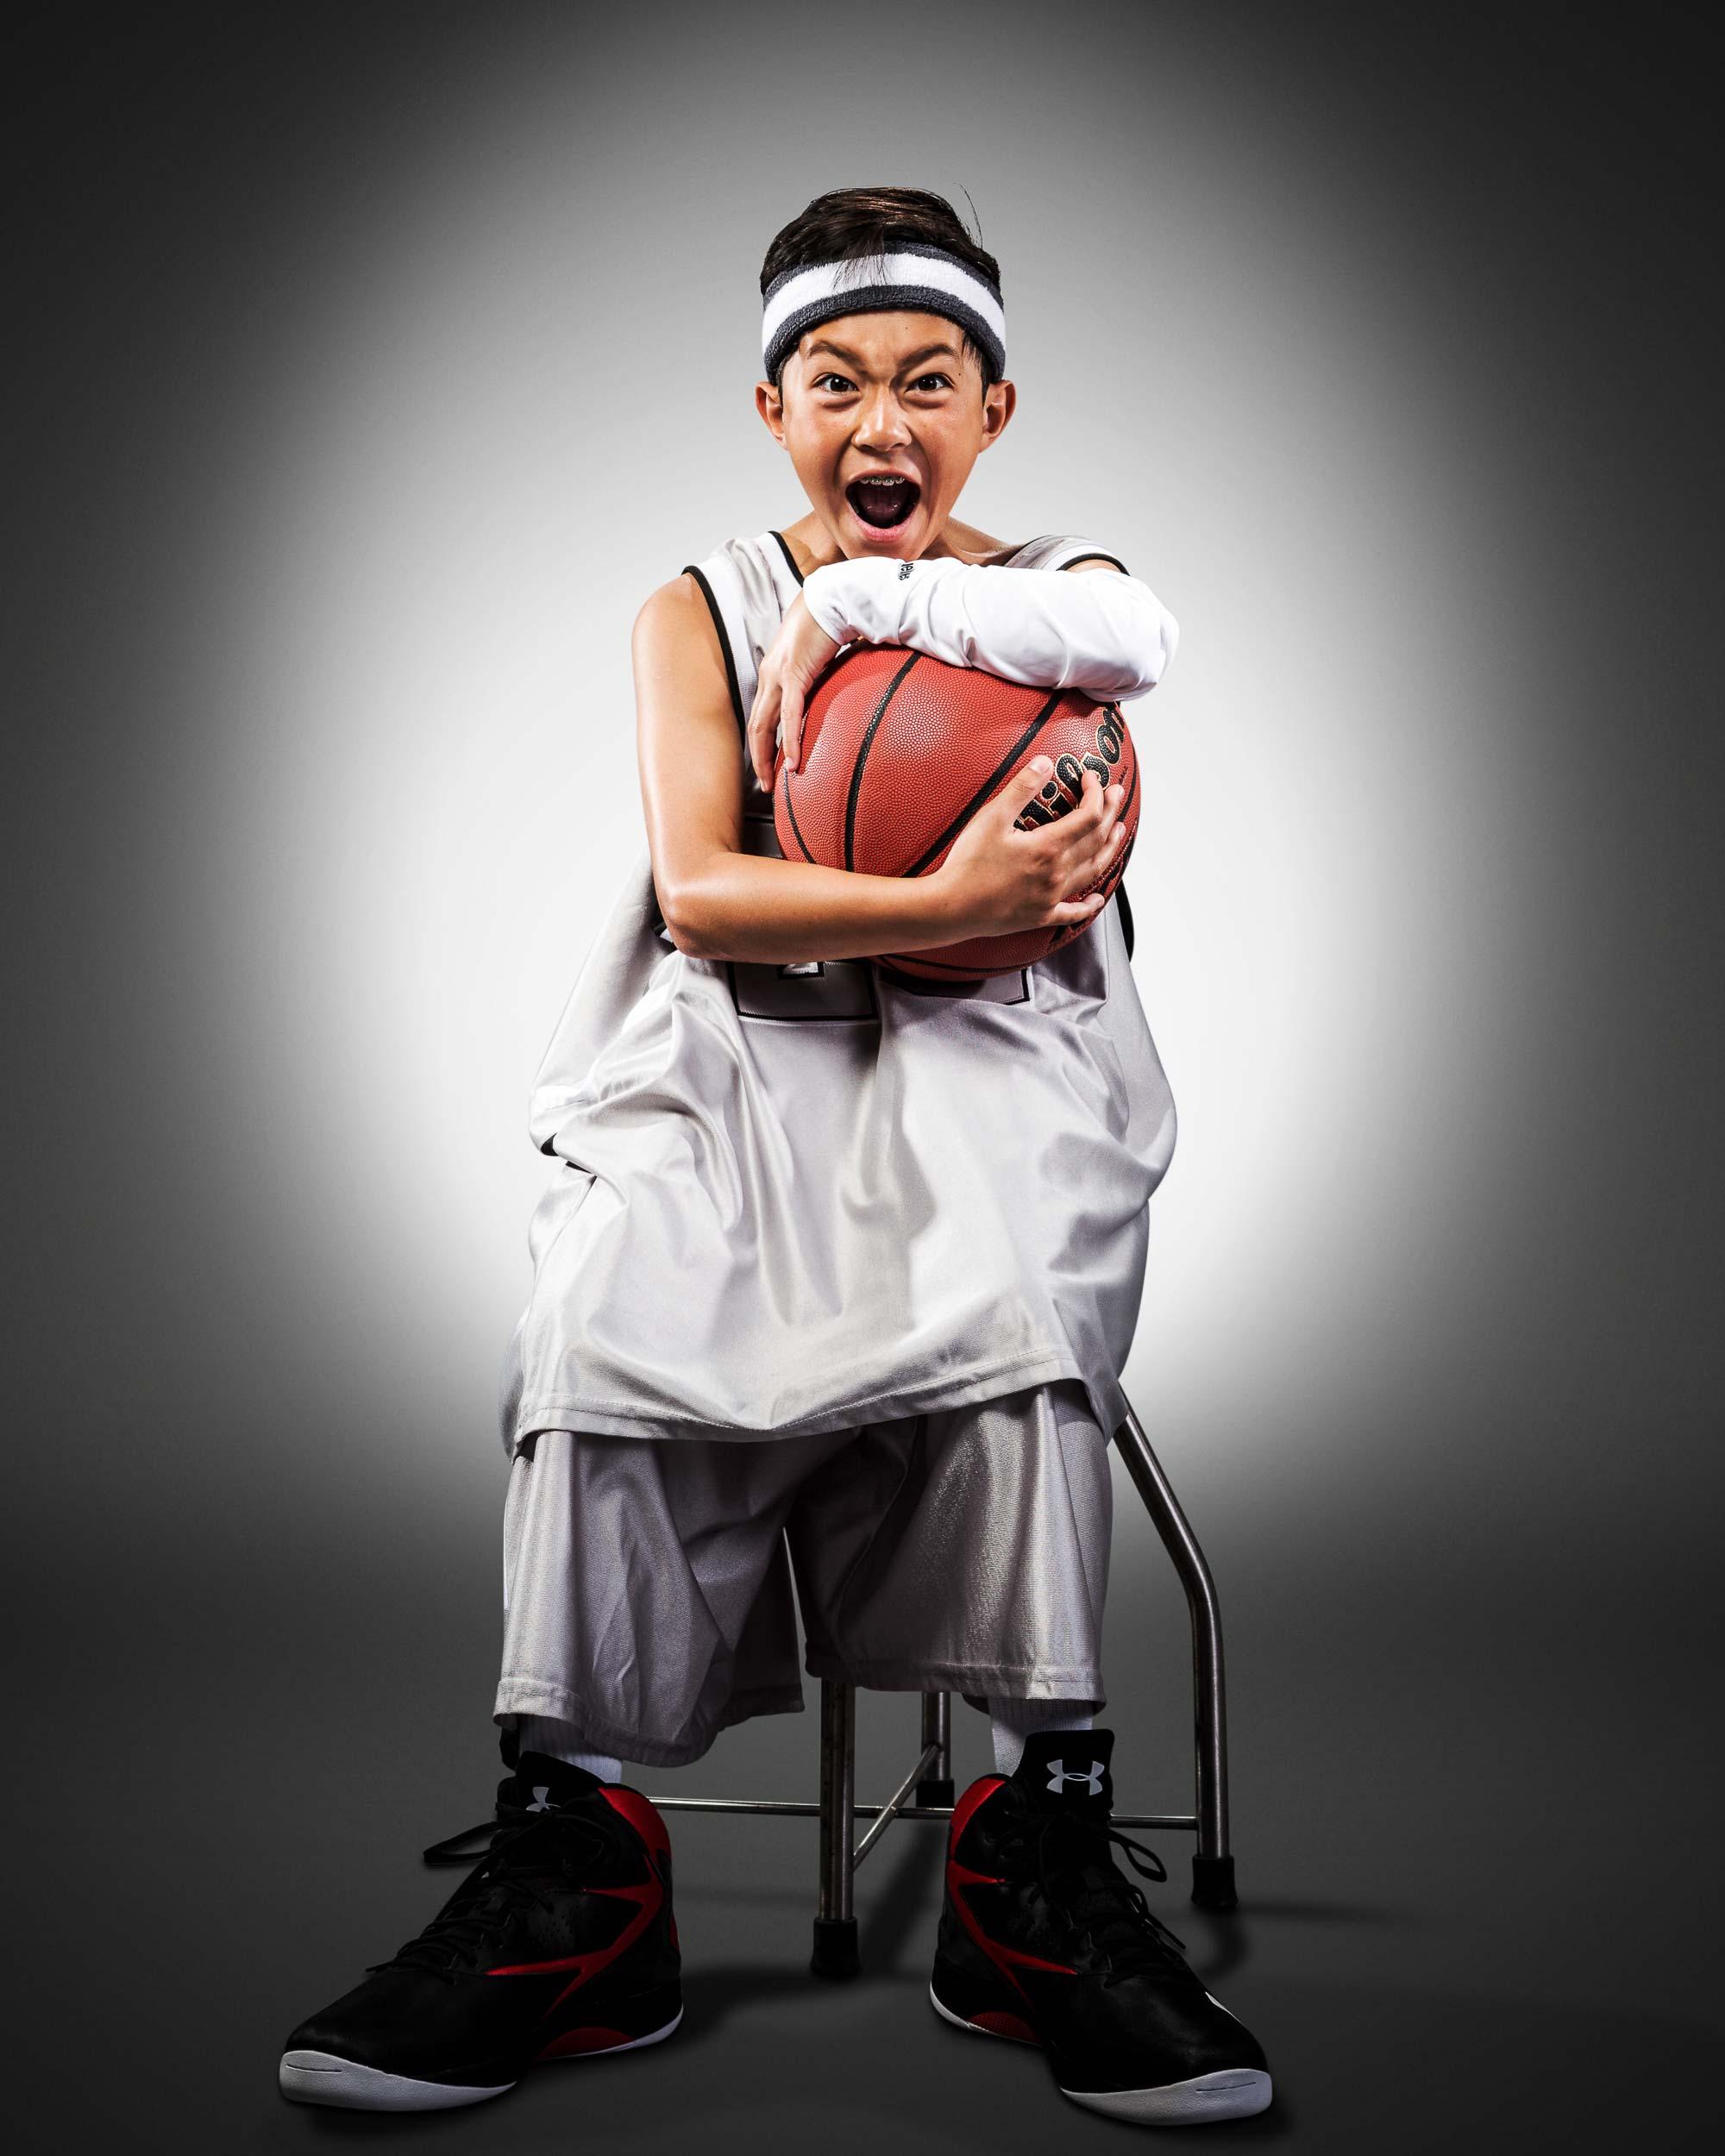 KidBasketball3_JMichaelTuckerPhotography.jpg